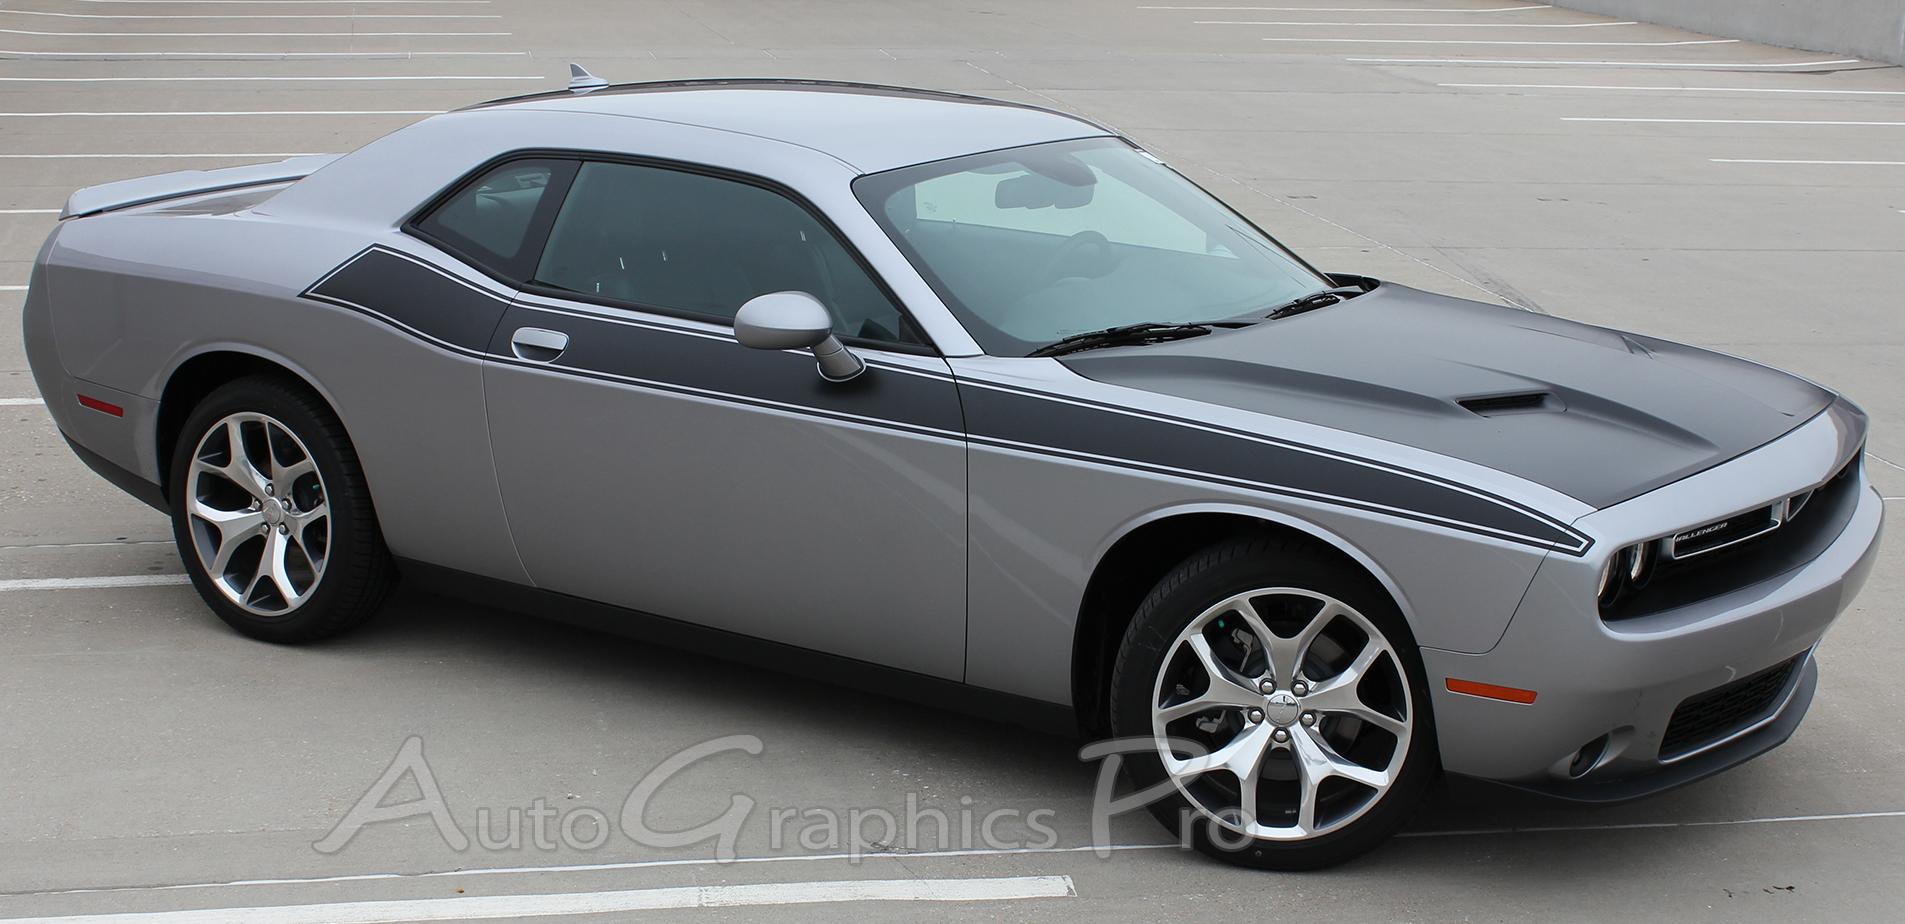 2011-2017 2018 Dodge Challenger Door Stripes PURSUIT Decals Body Line T/A 392 Vinyl Graphics Kit & 2011-2017 2018 Dodge Challenger Door Stripes PURSUIT Decals Body ...